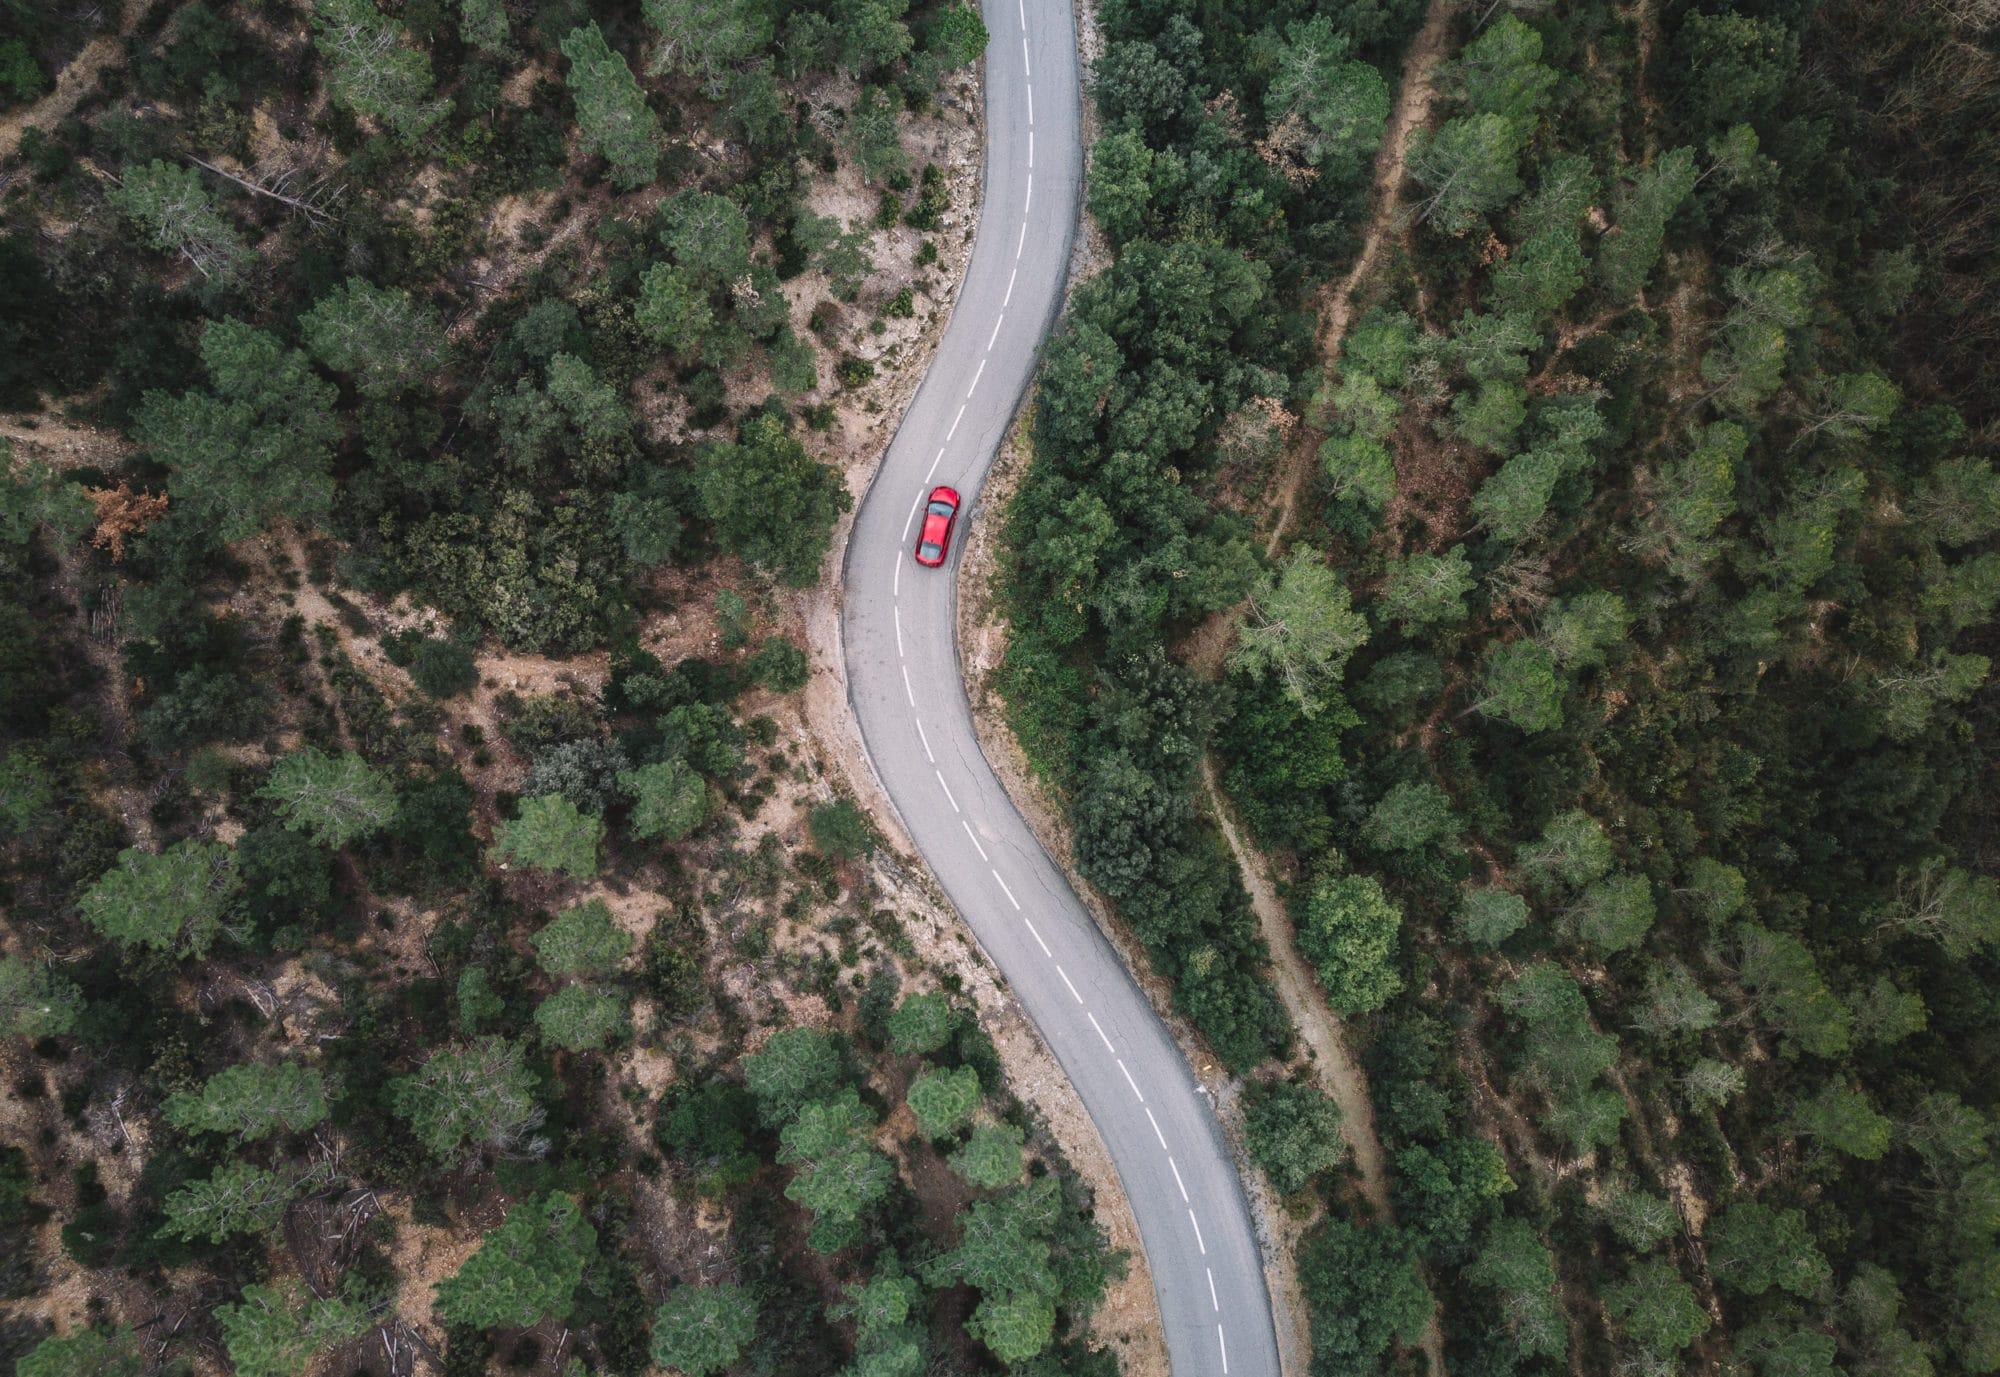 Image Découverte du Mercredi #4: Roadtrip express en Catalogne